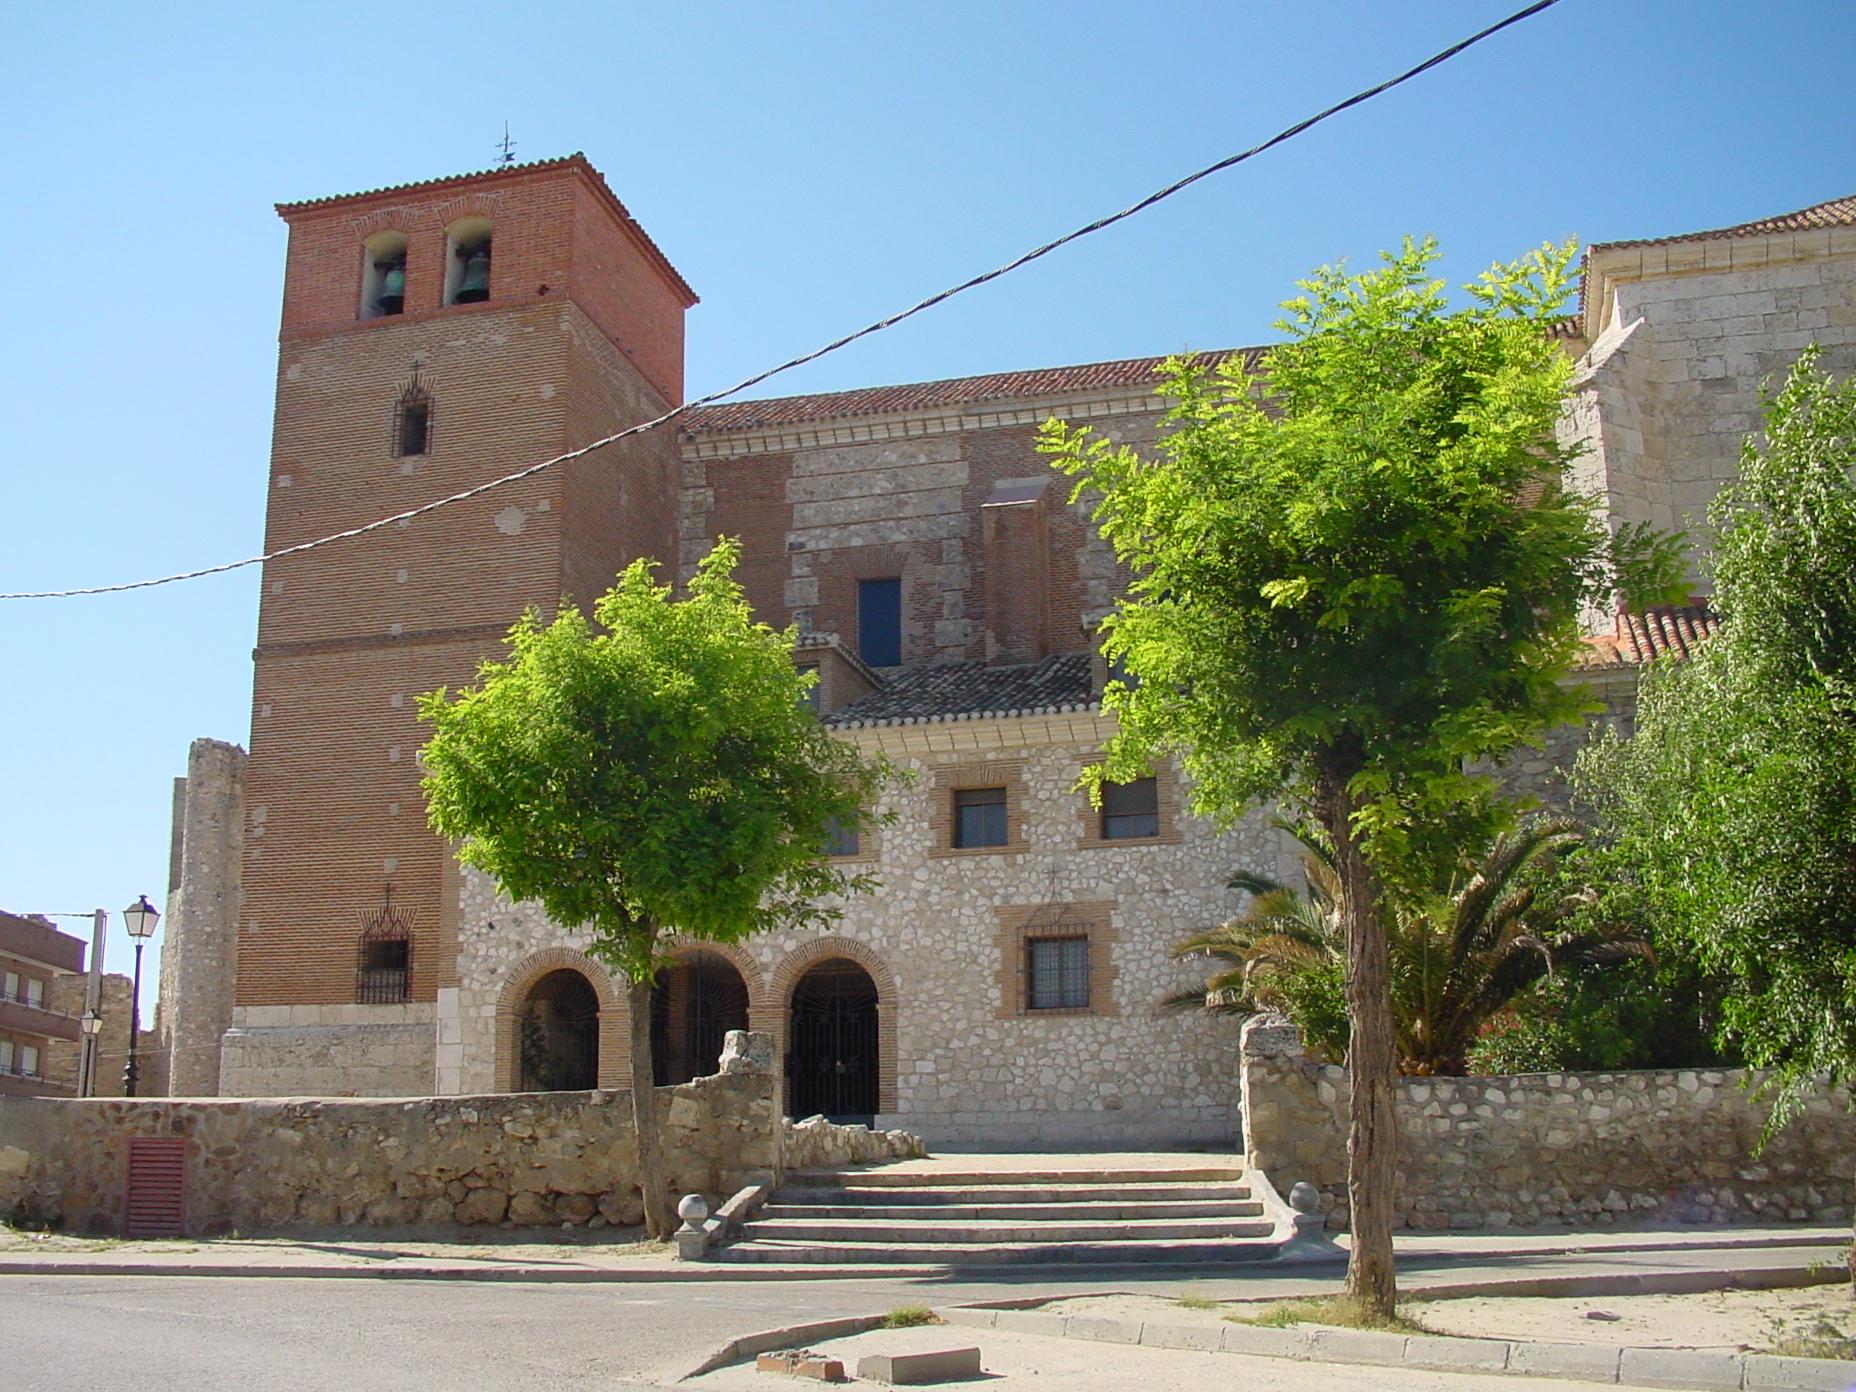 Vista lateral de iglesia en Torrejón de Velasco